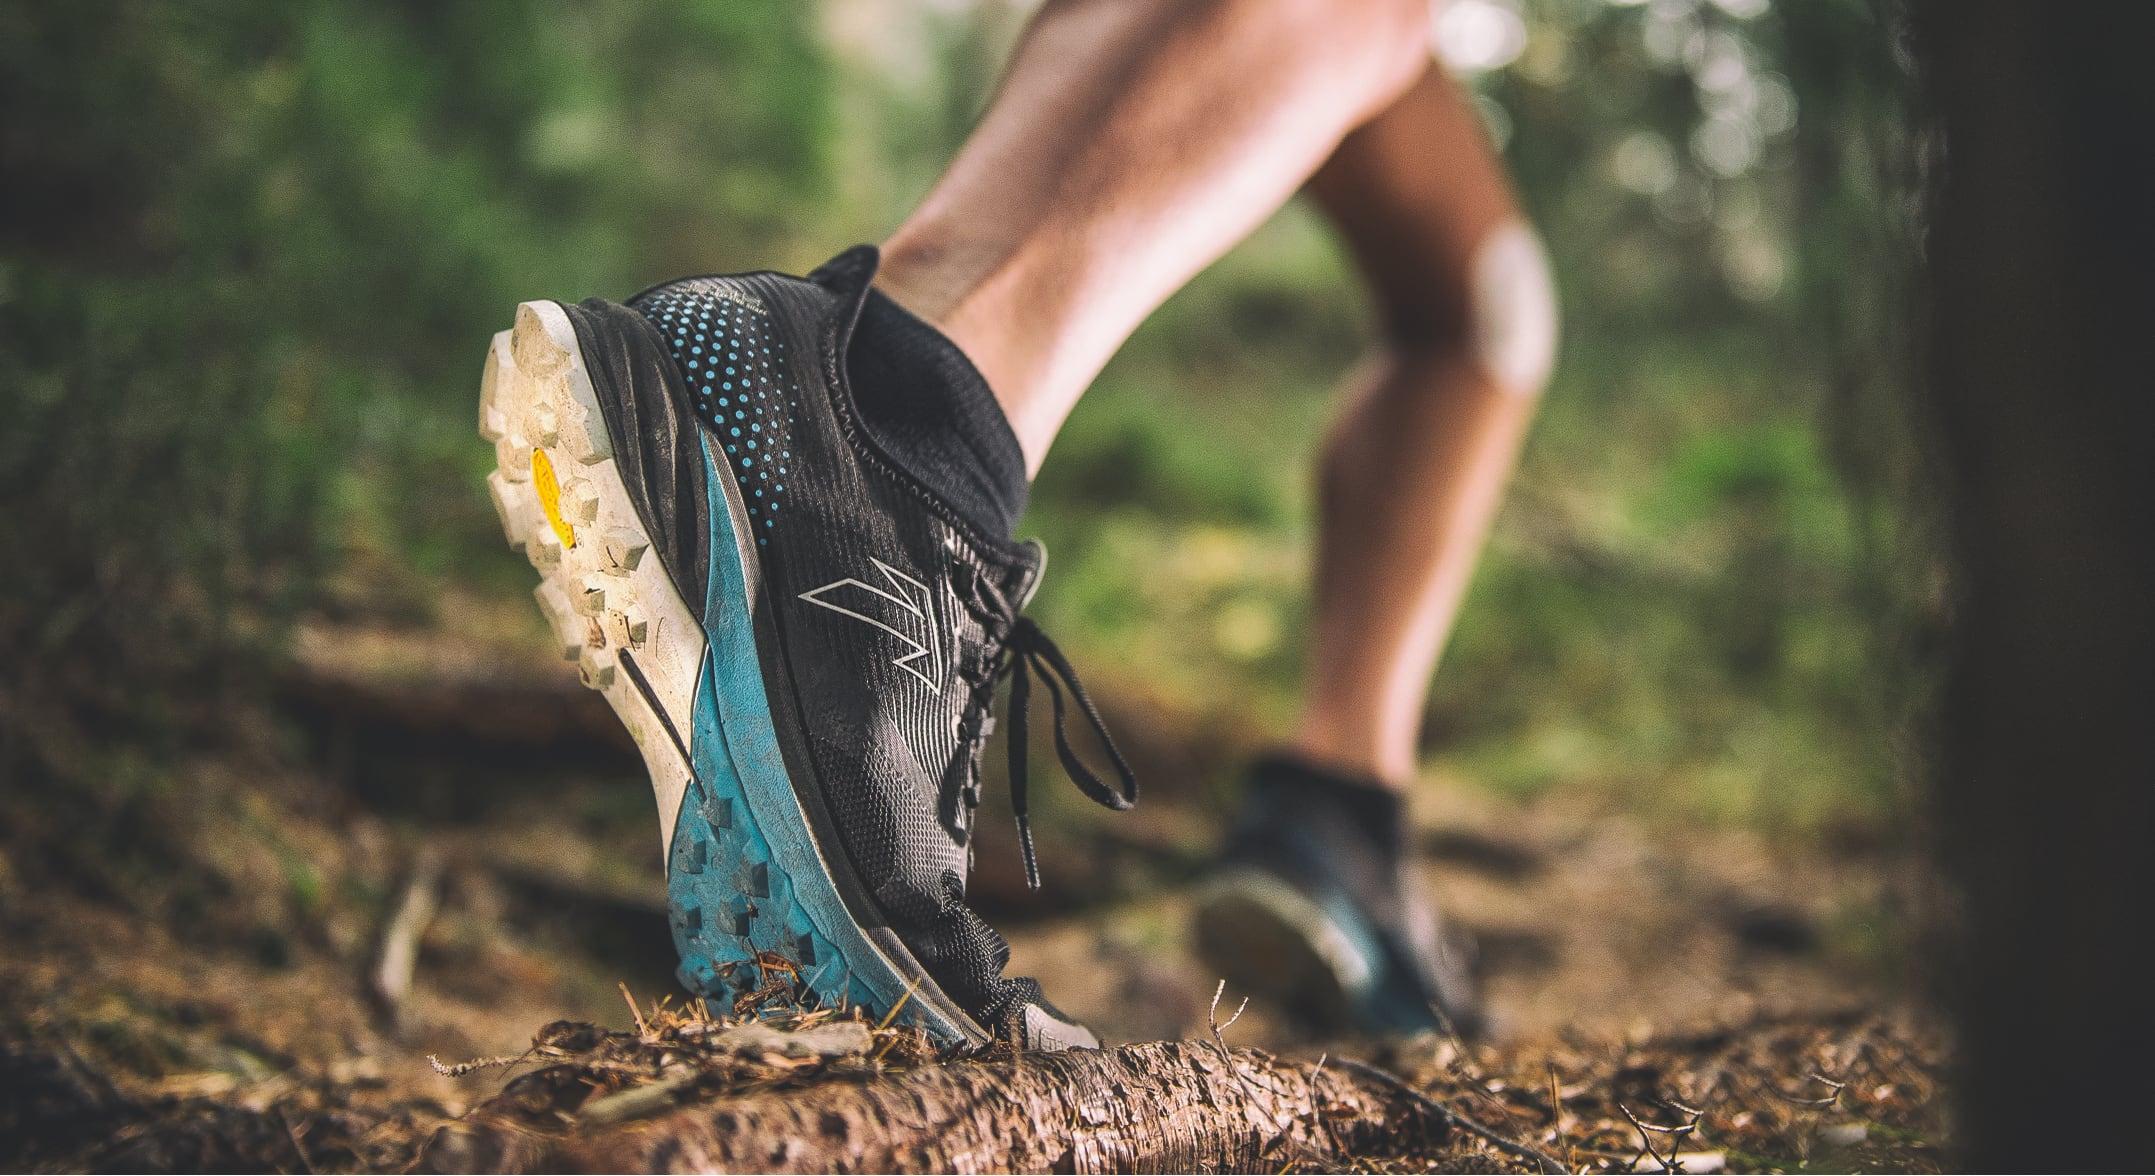 定制一双独一无二的越野跑鞋 只需要20分钟